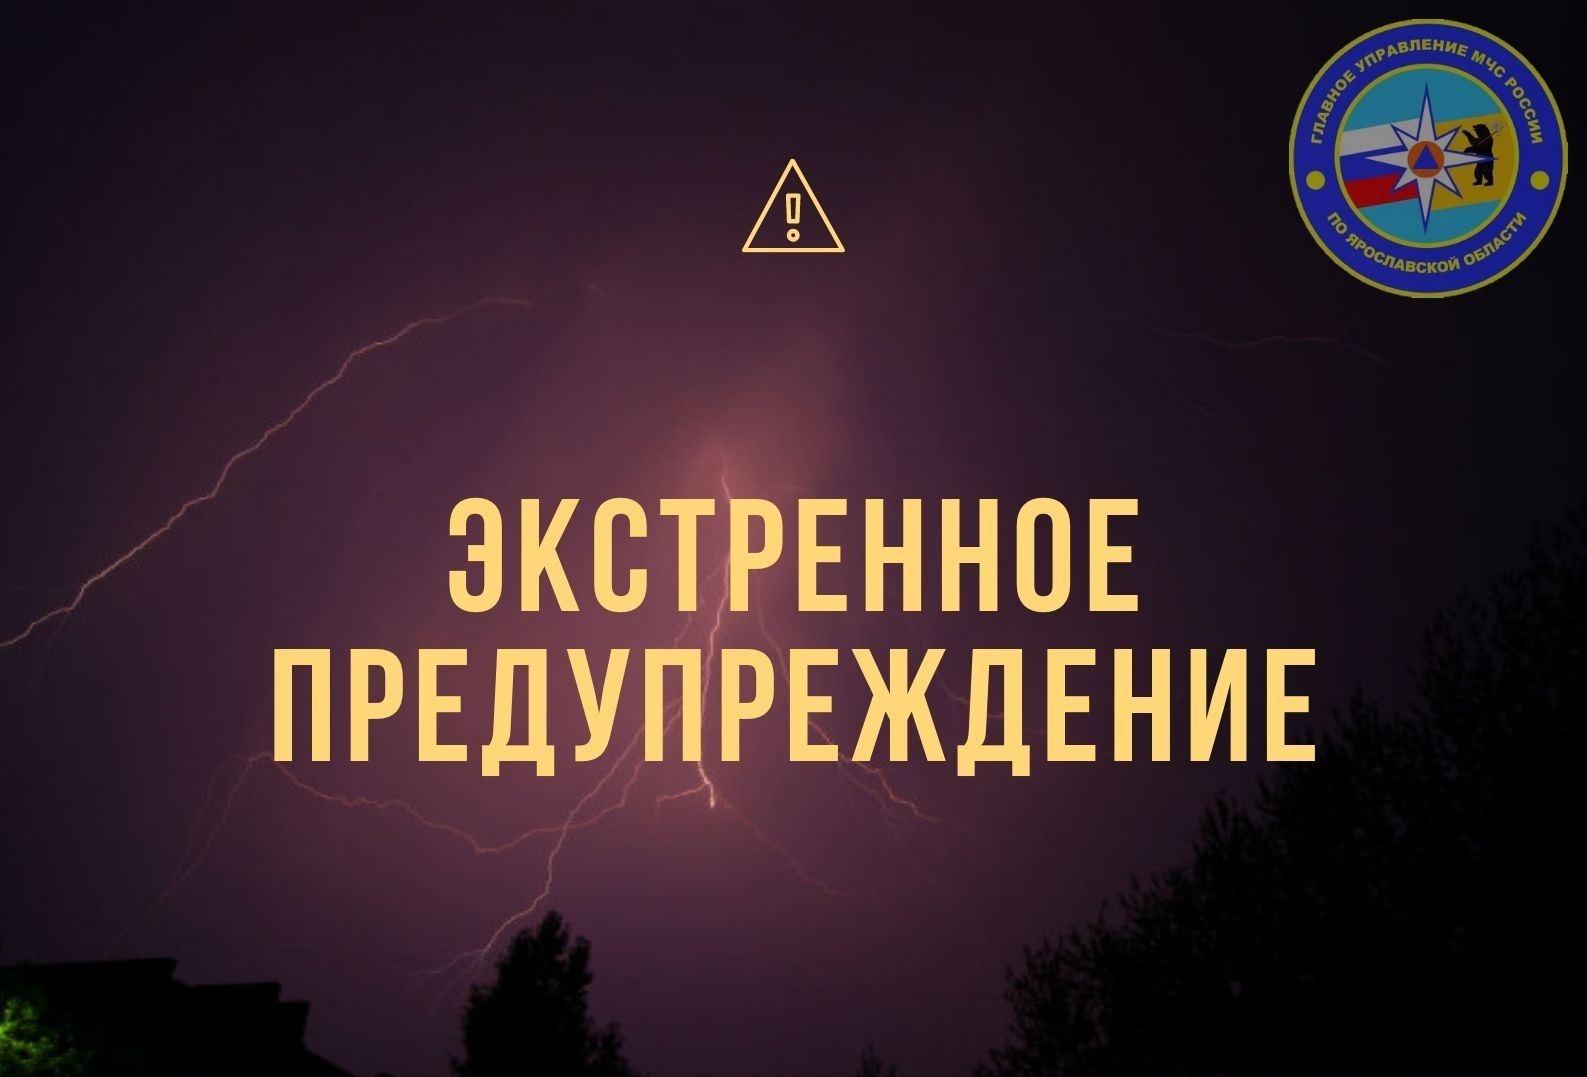 МЧС по Ярославской области опубликовало экстренное предупреждение о грозе и граде